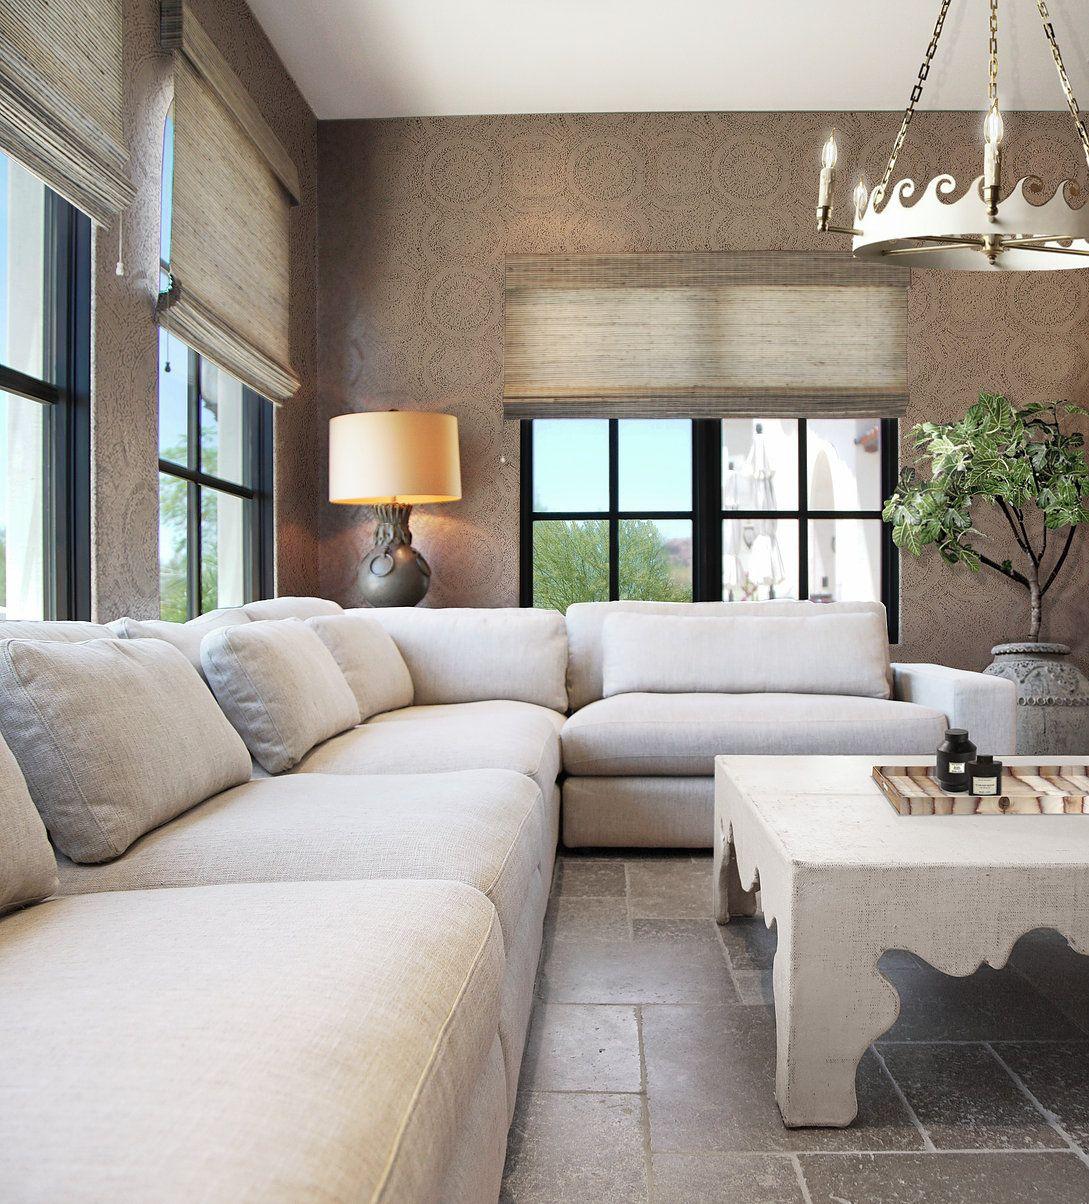 Hryanstudio | Large Sectional Sofa, Extra Large Sectional Inside Oversized Sectional Sofas (View 12 of 15)